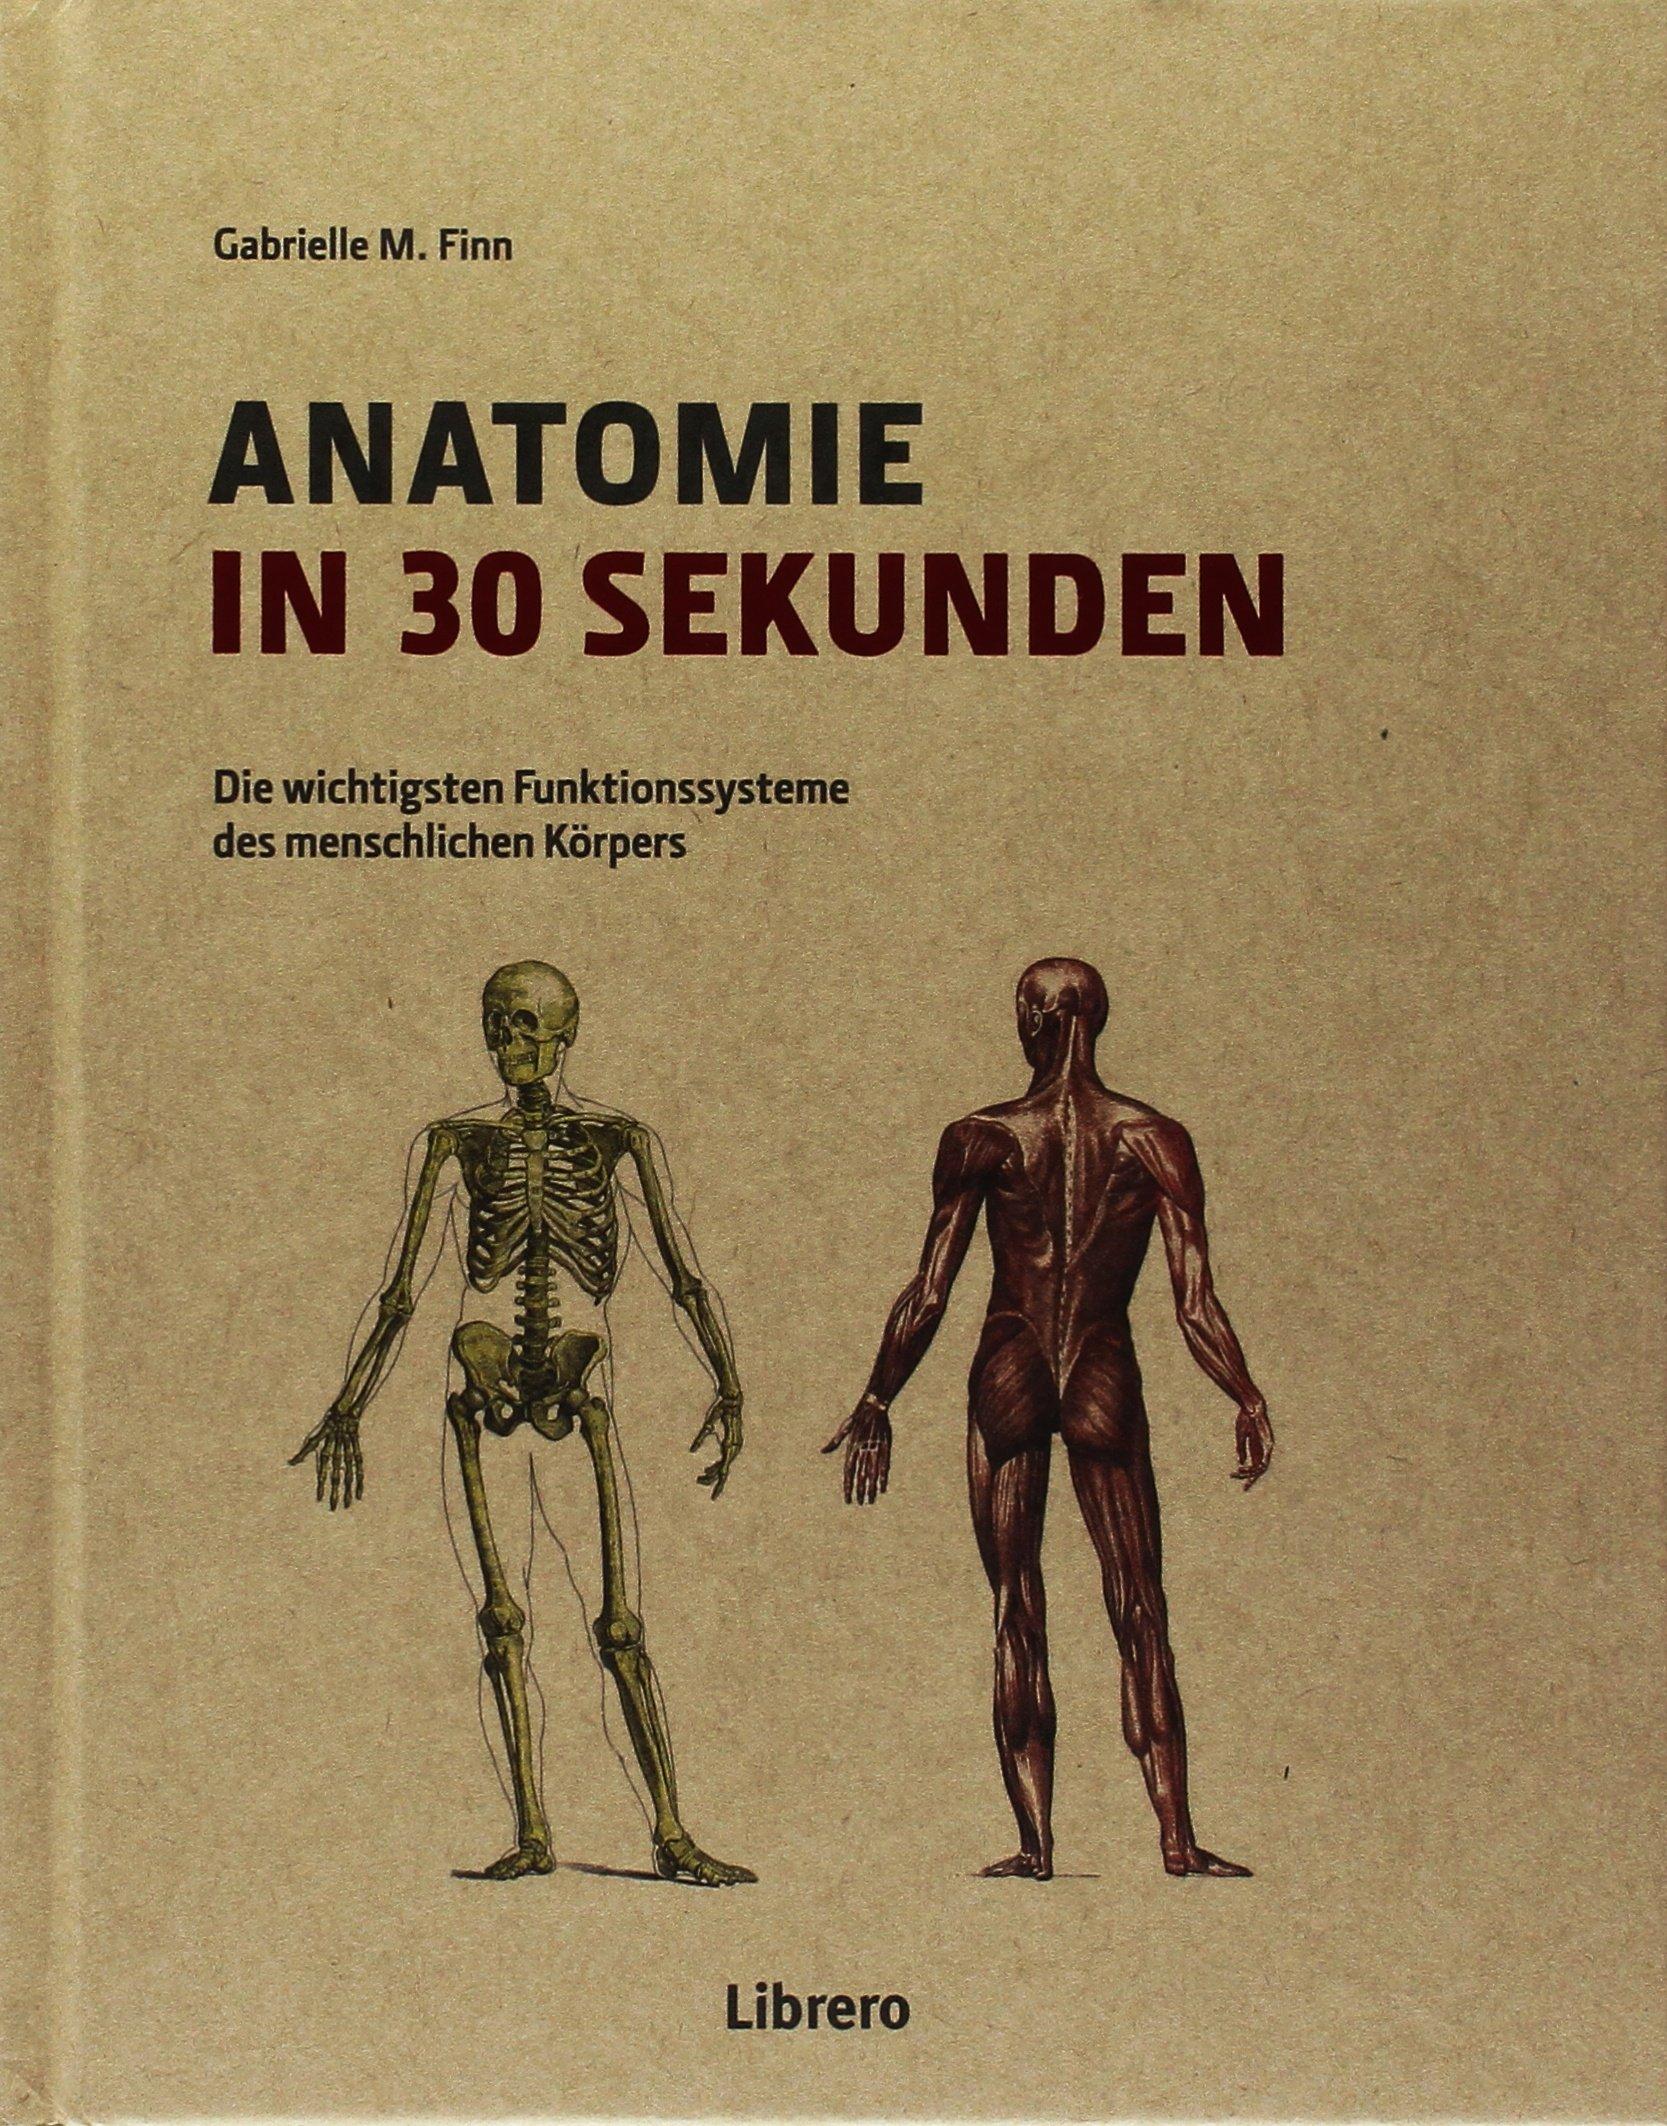 Anatomie in 30 Sekunden: Amazon.de: GABRIELLE M. FINN: Bücher